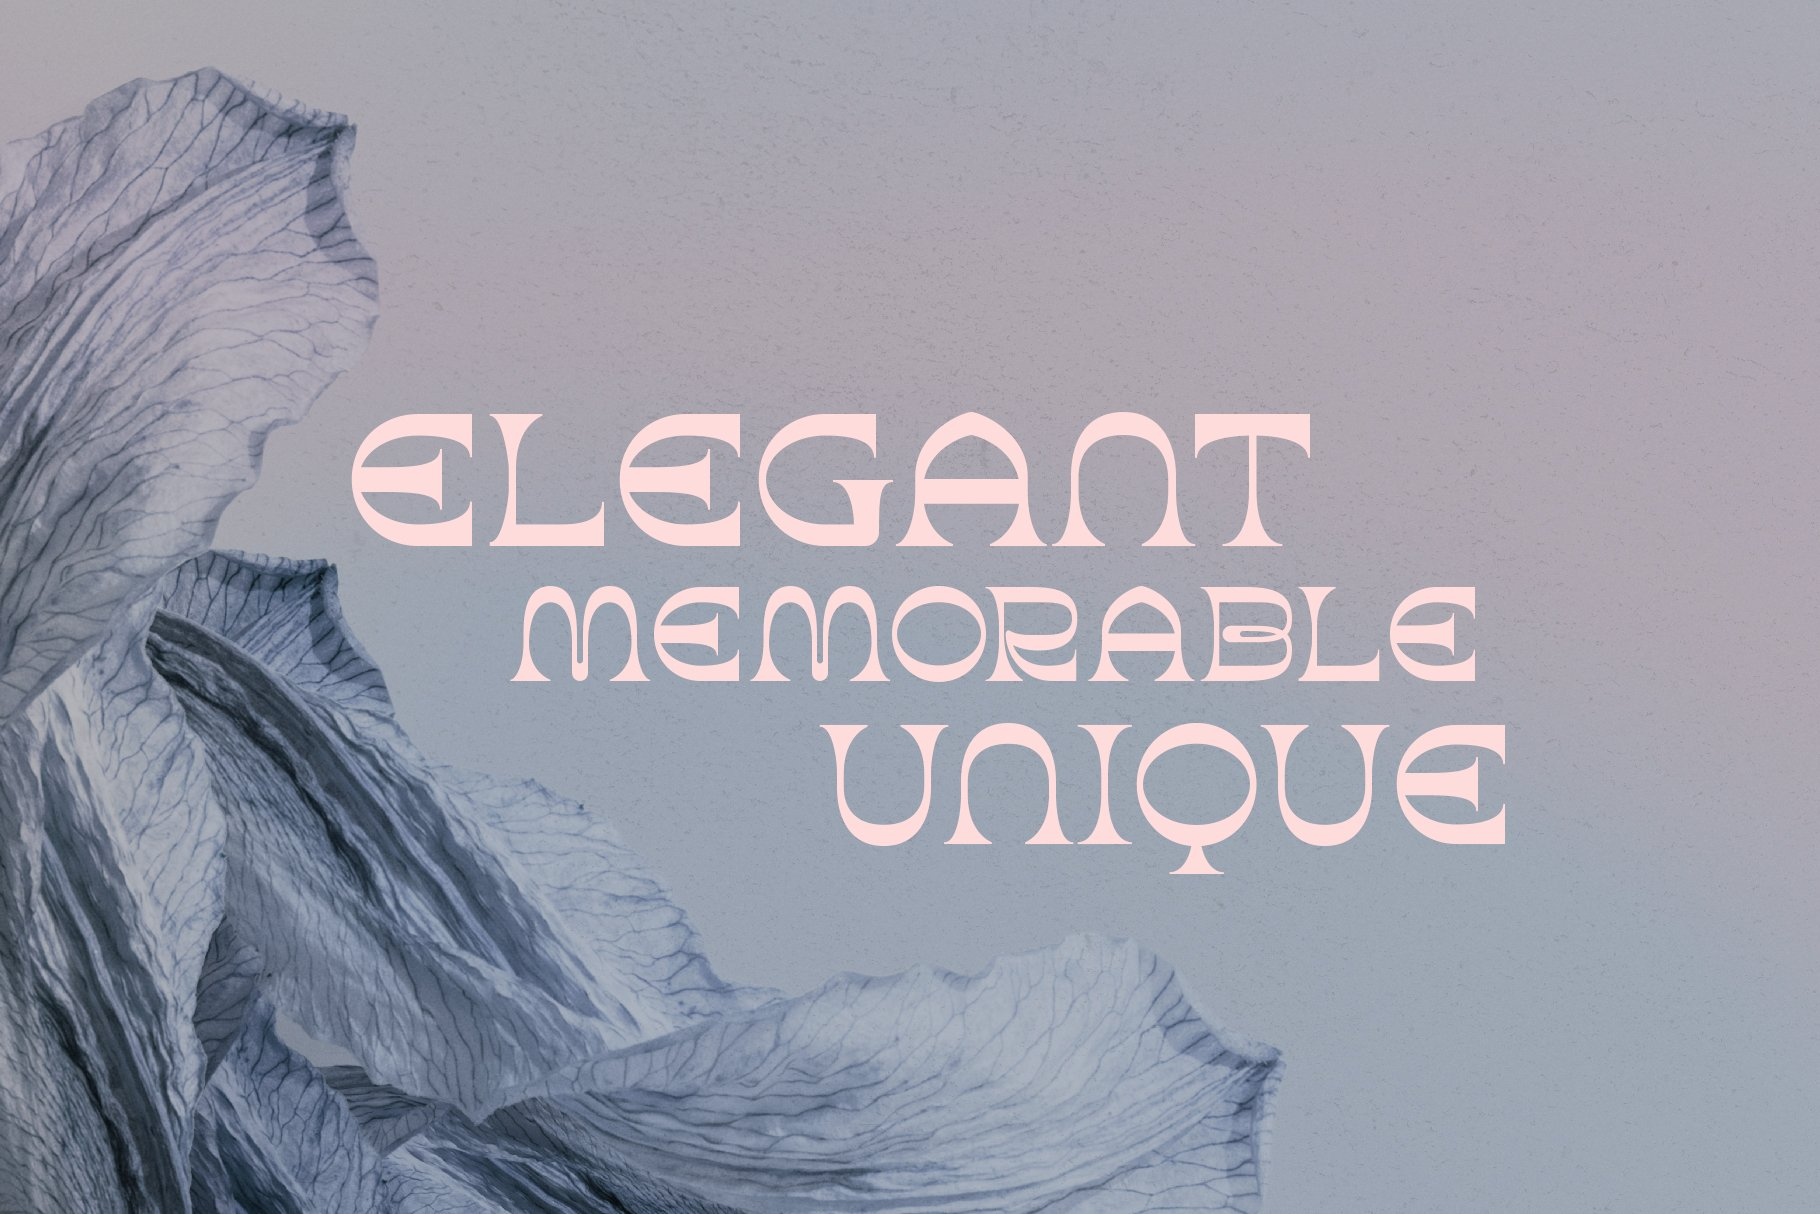 潮流复古酸性逆反差标题徽标Logo设计衬线英文字体素材 Aurora Font插图2